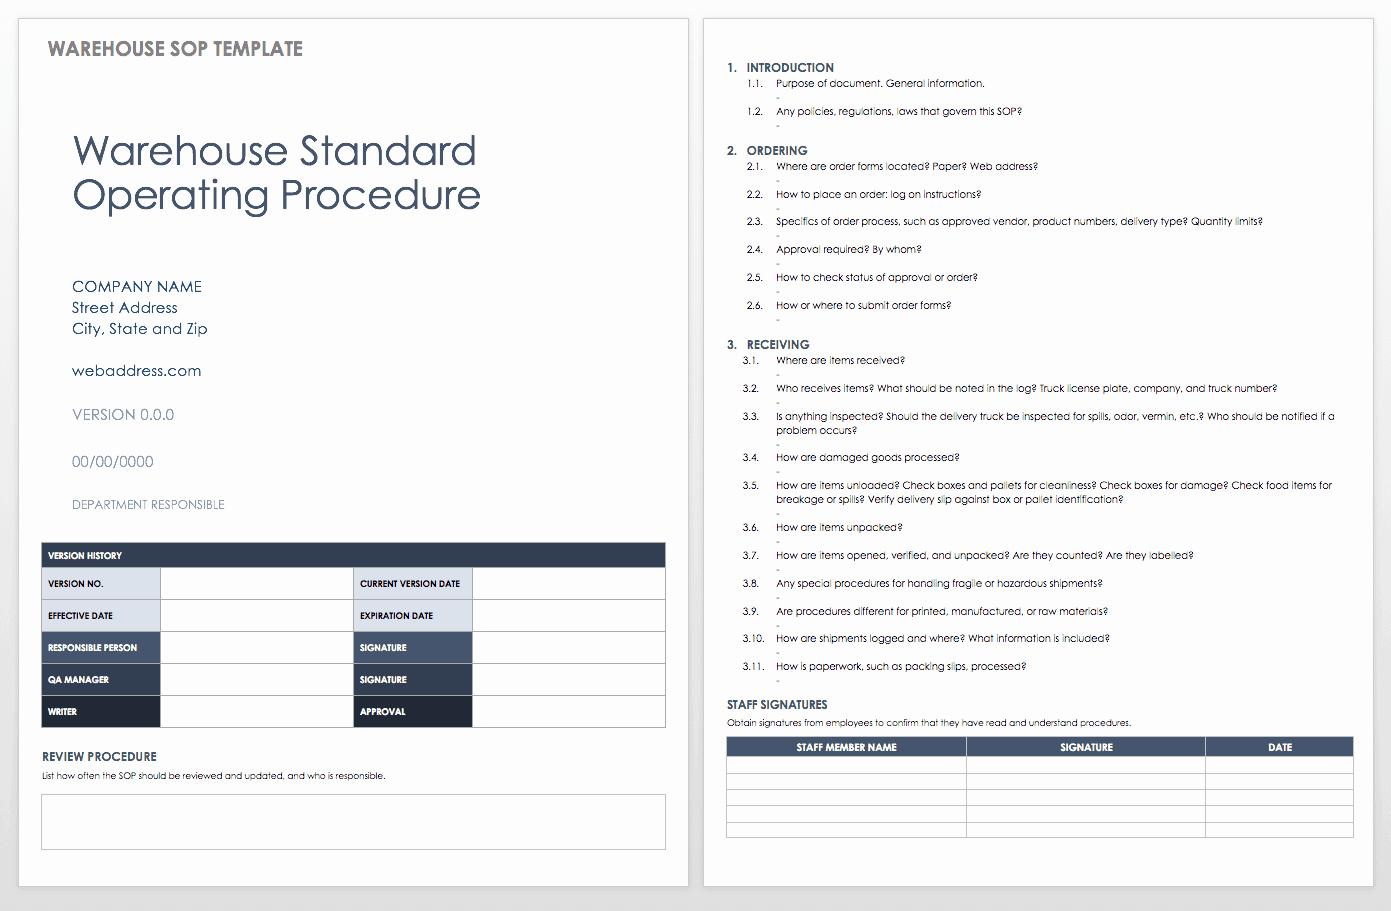 Standard Operating Procedures Template Best Of Standard Operating Procedures Templates